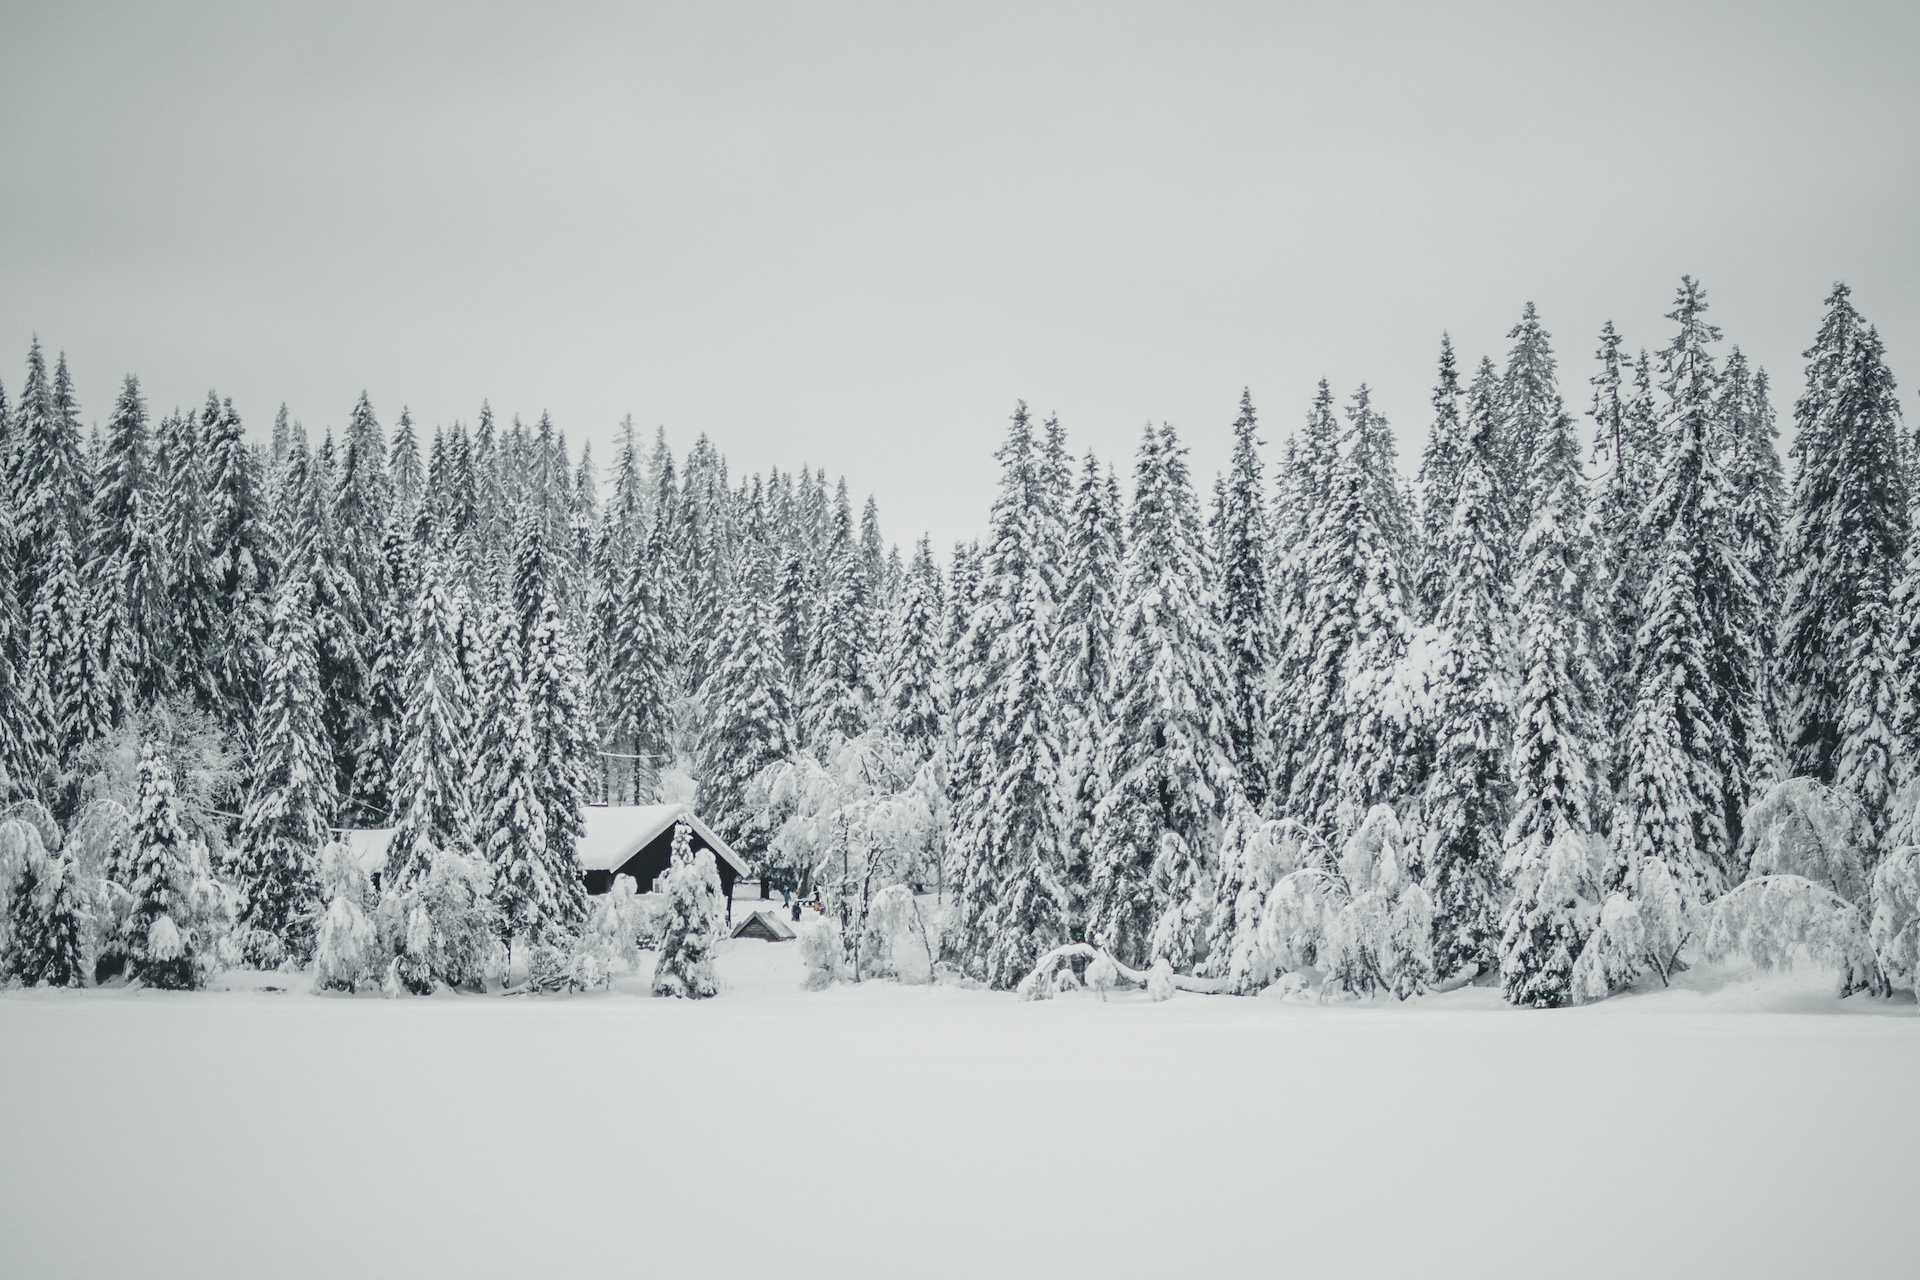 zimowe Oslo